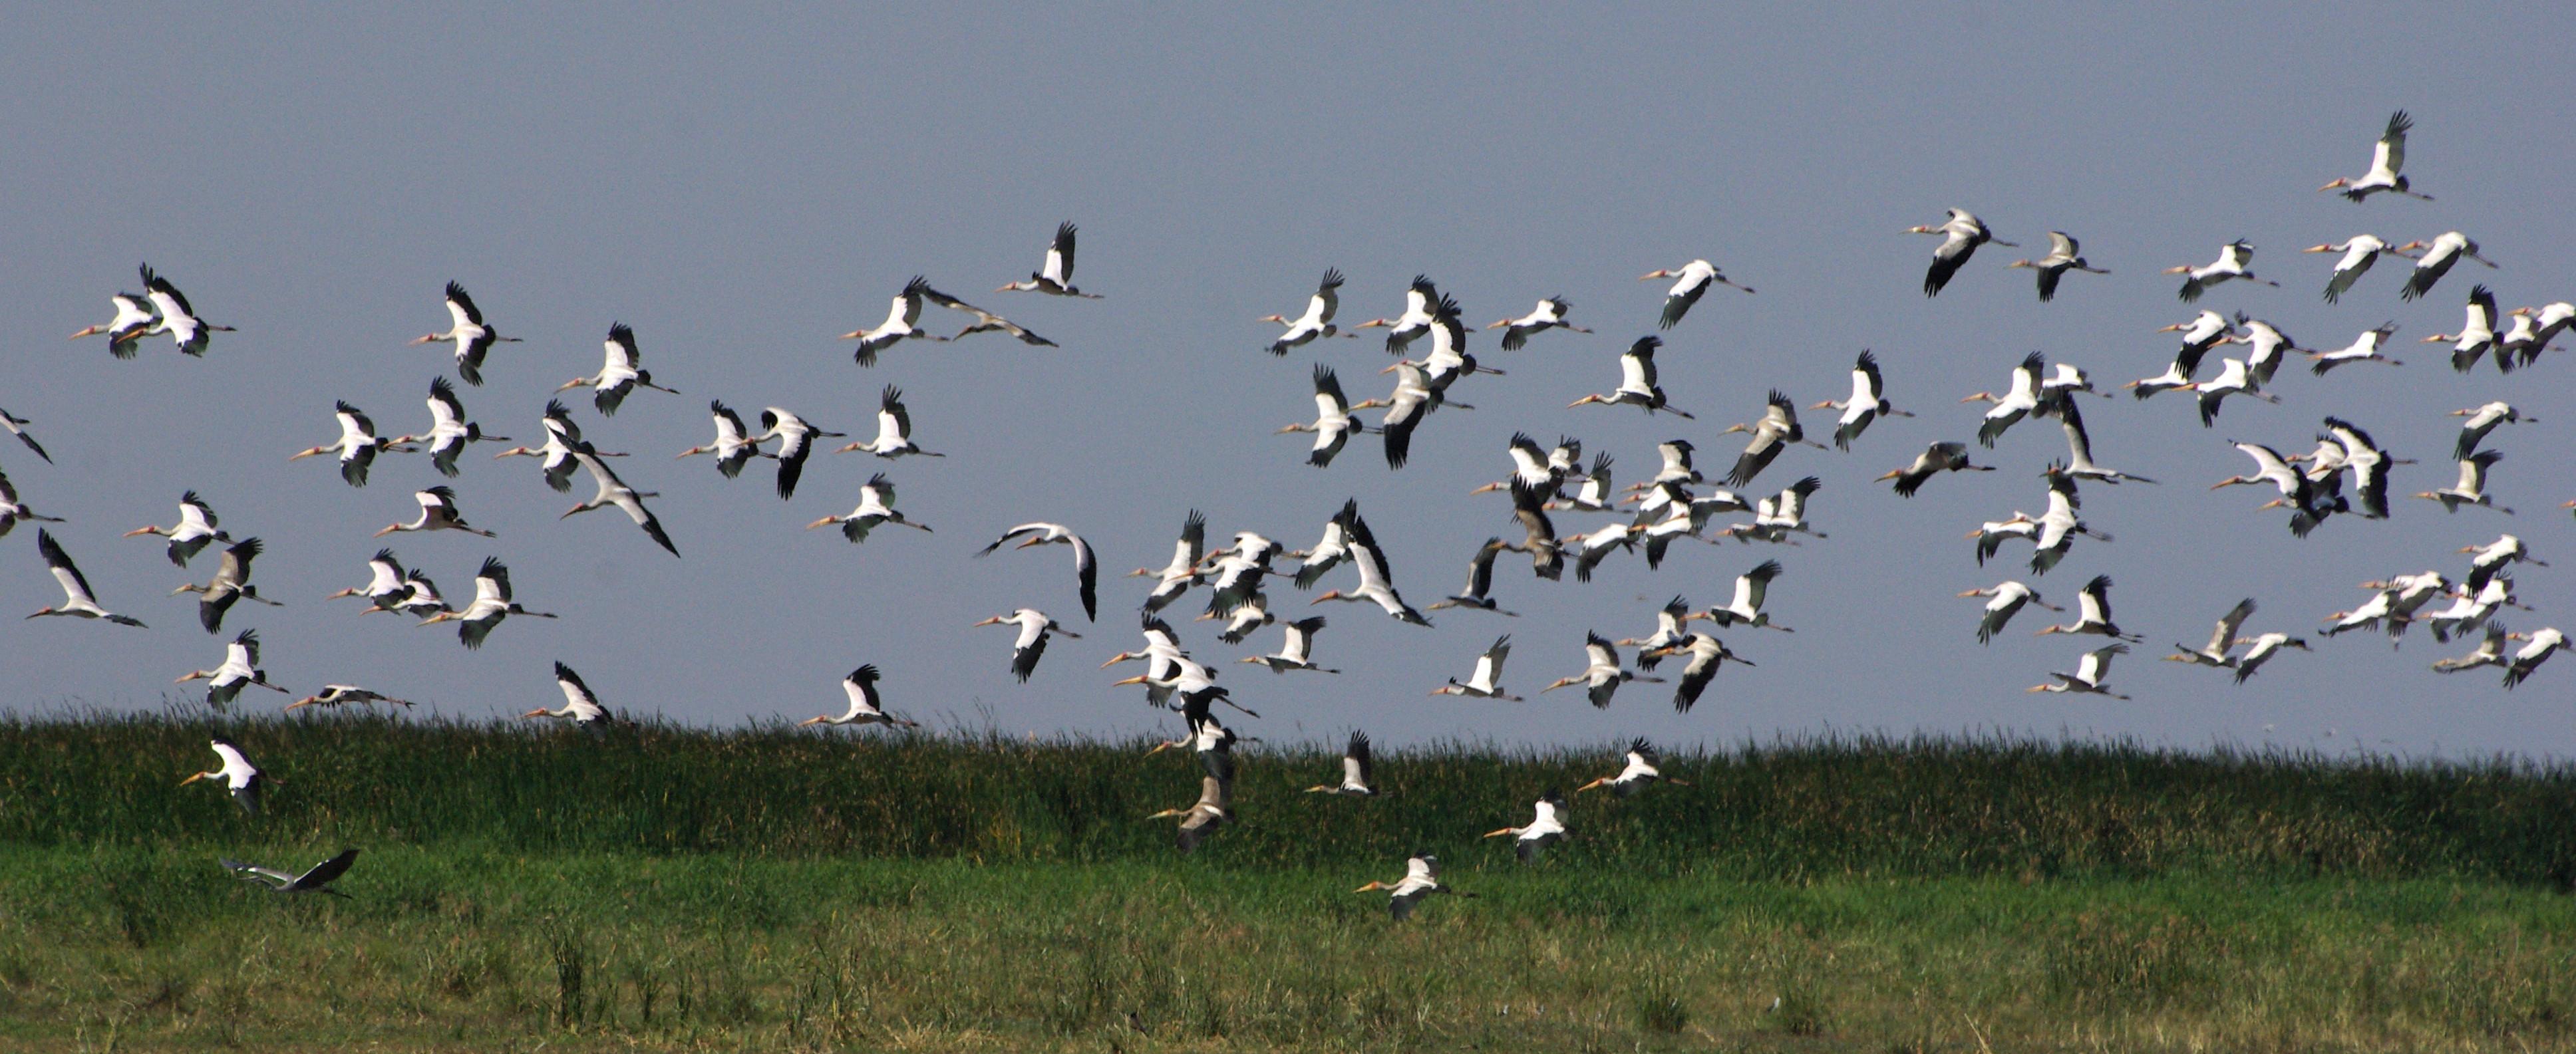 tantale-ibis2-manyara-06-08_dxo